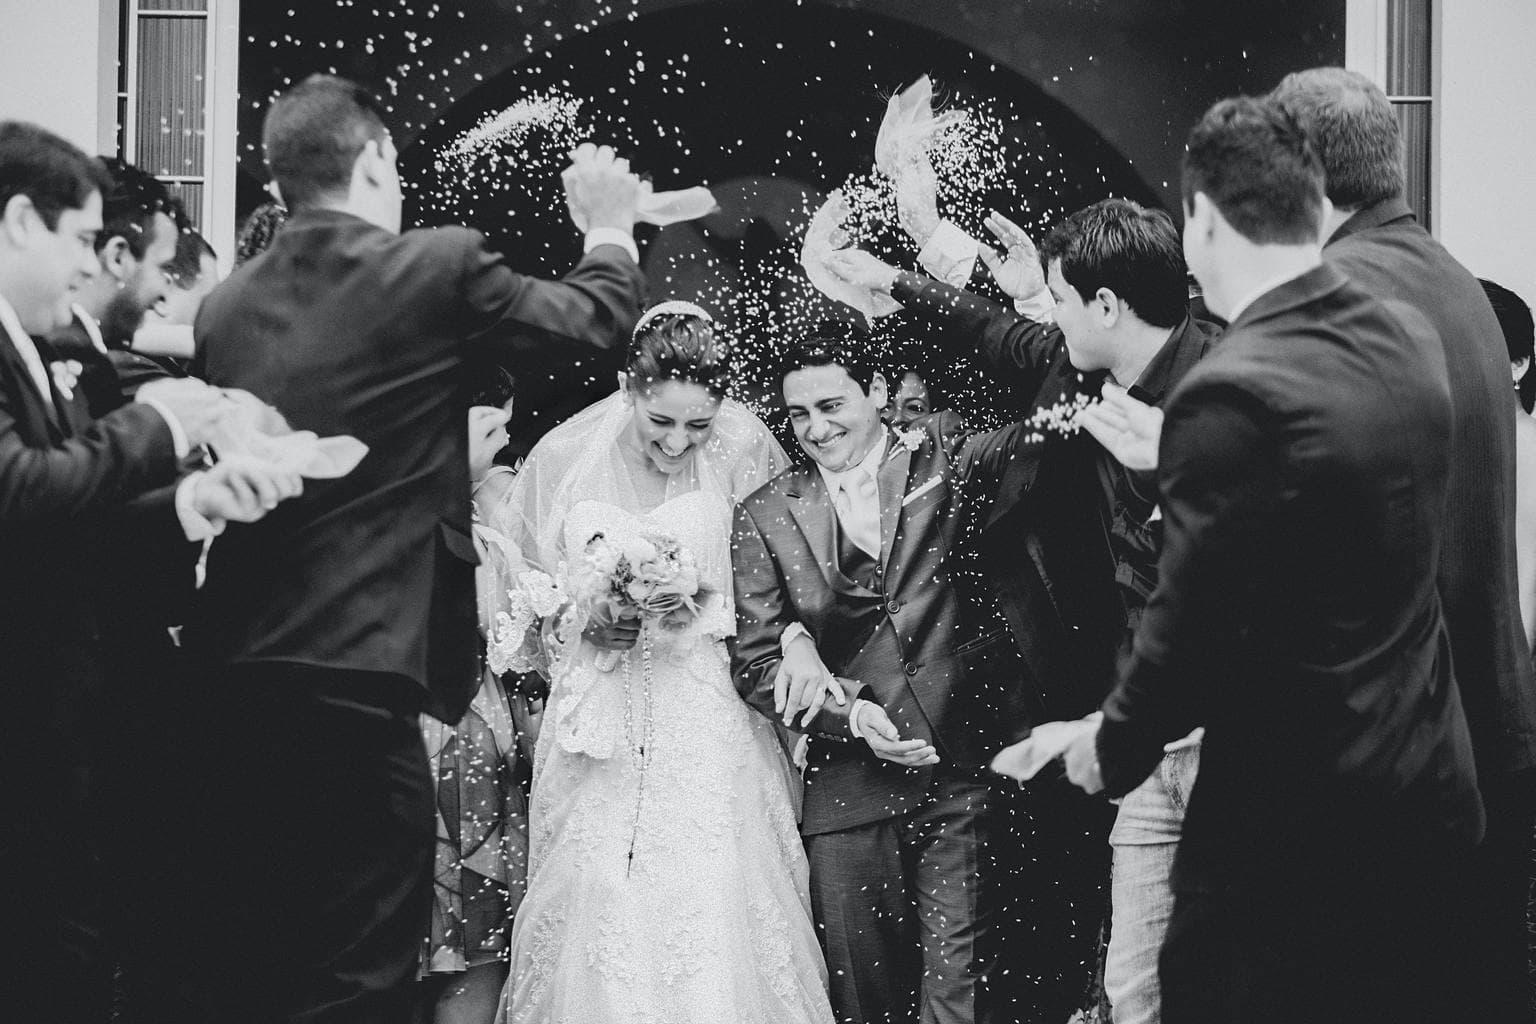 Fotografía de boda realizada con teleobjetivo